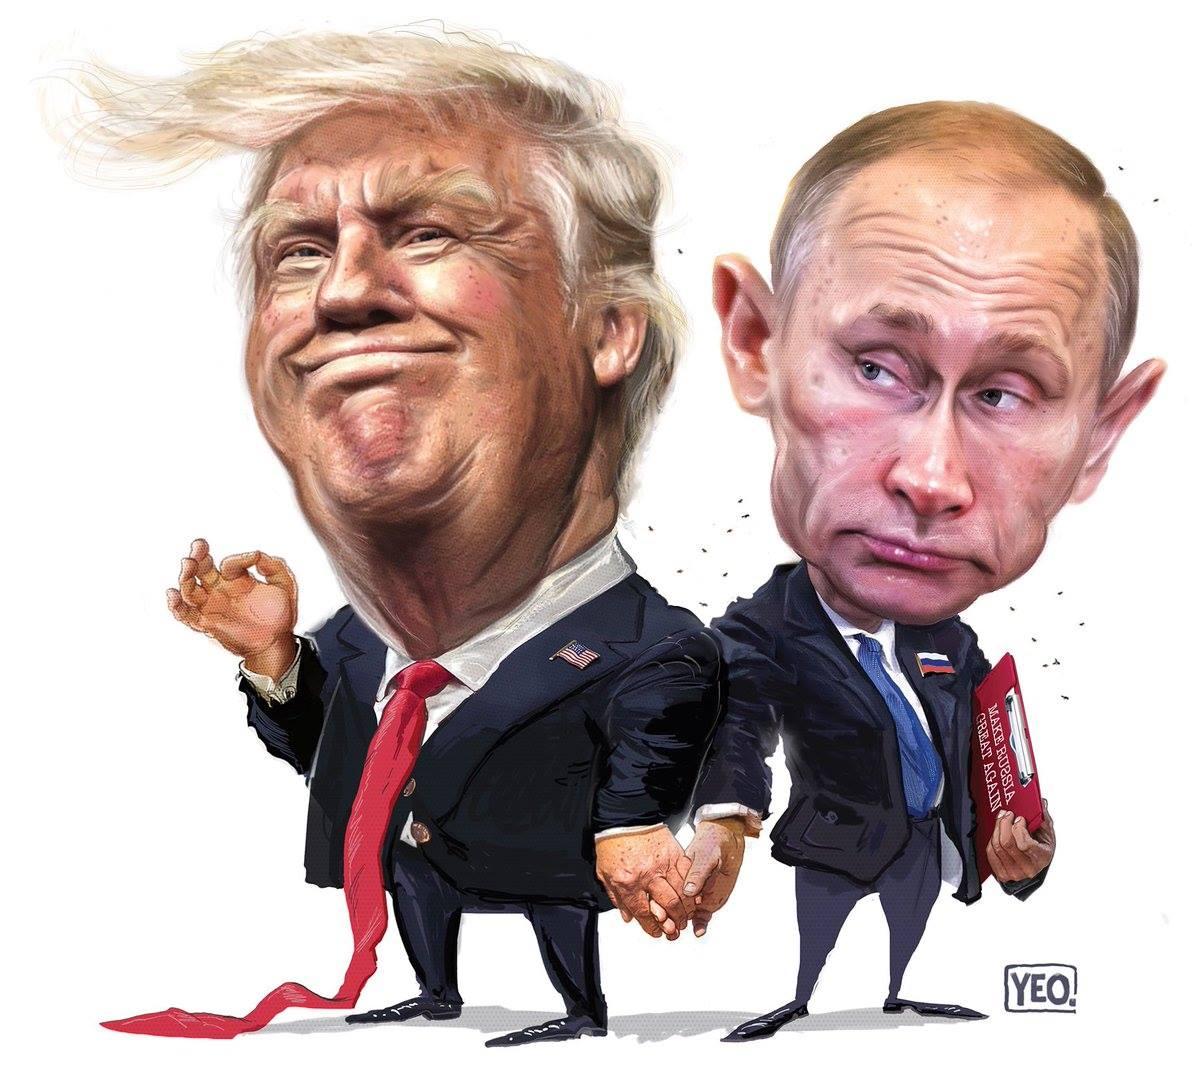 Не из любви к Путину: Но он смог поставить в коленно - локтевую слишком многих очень больших и важных...